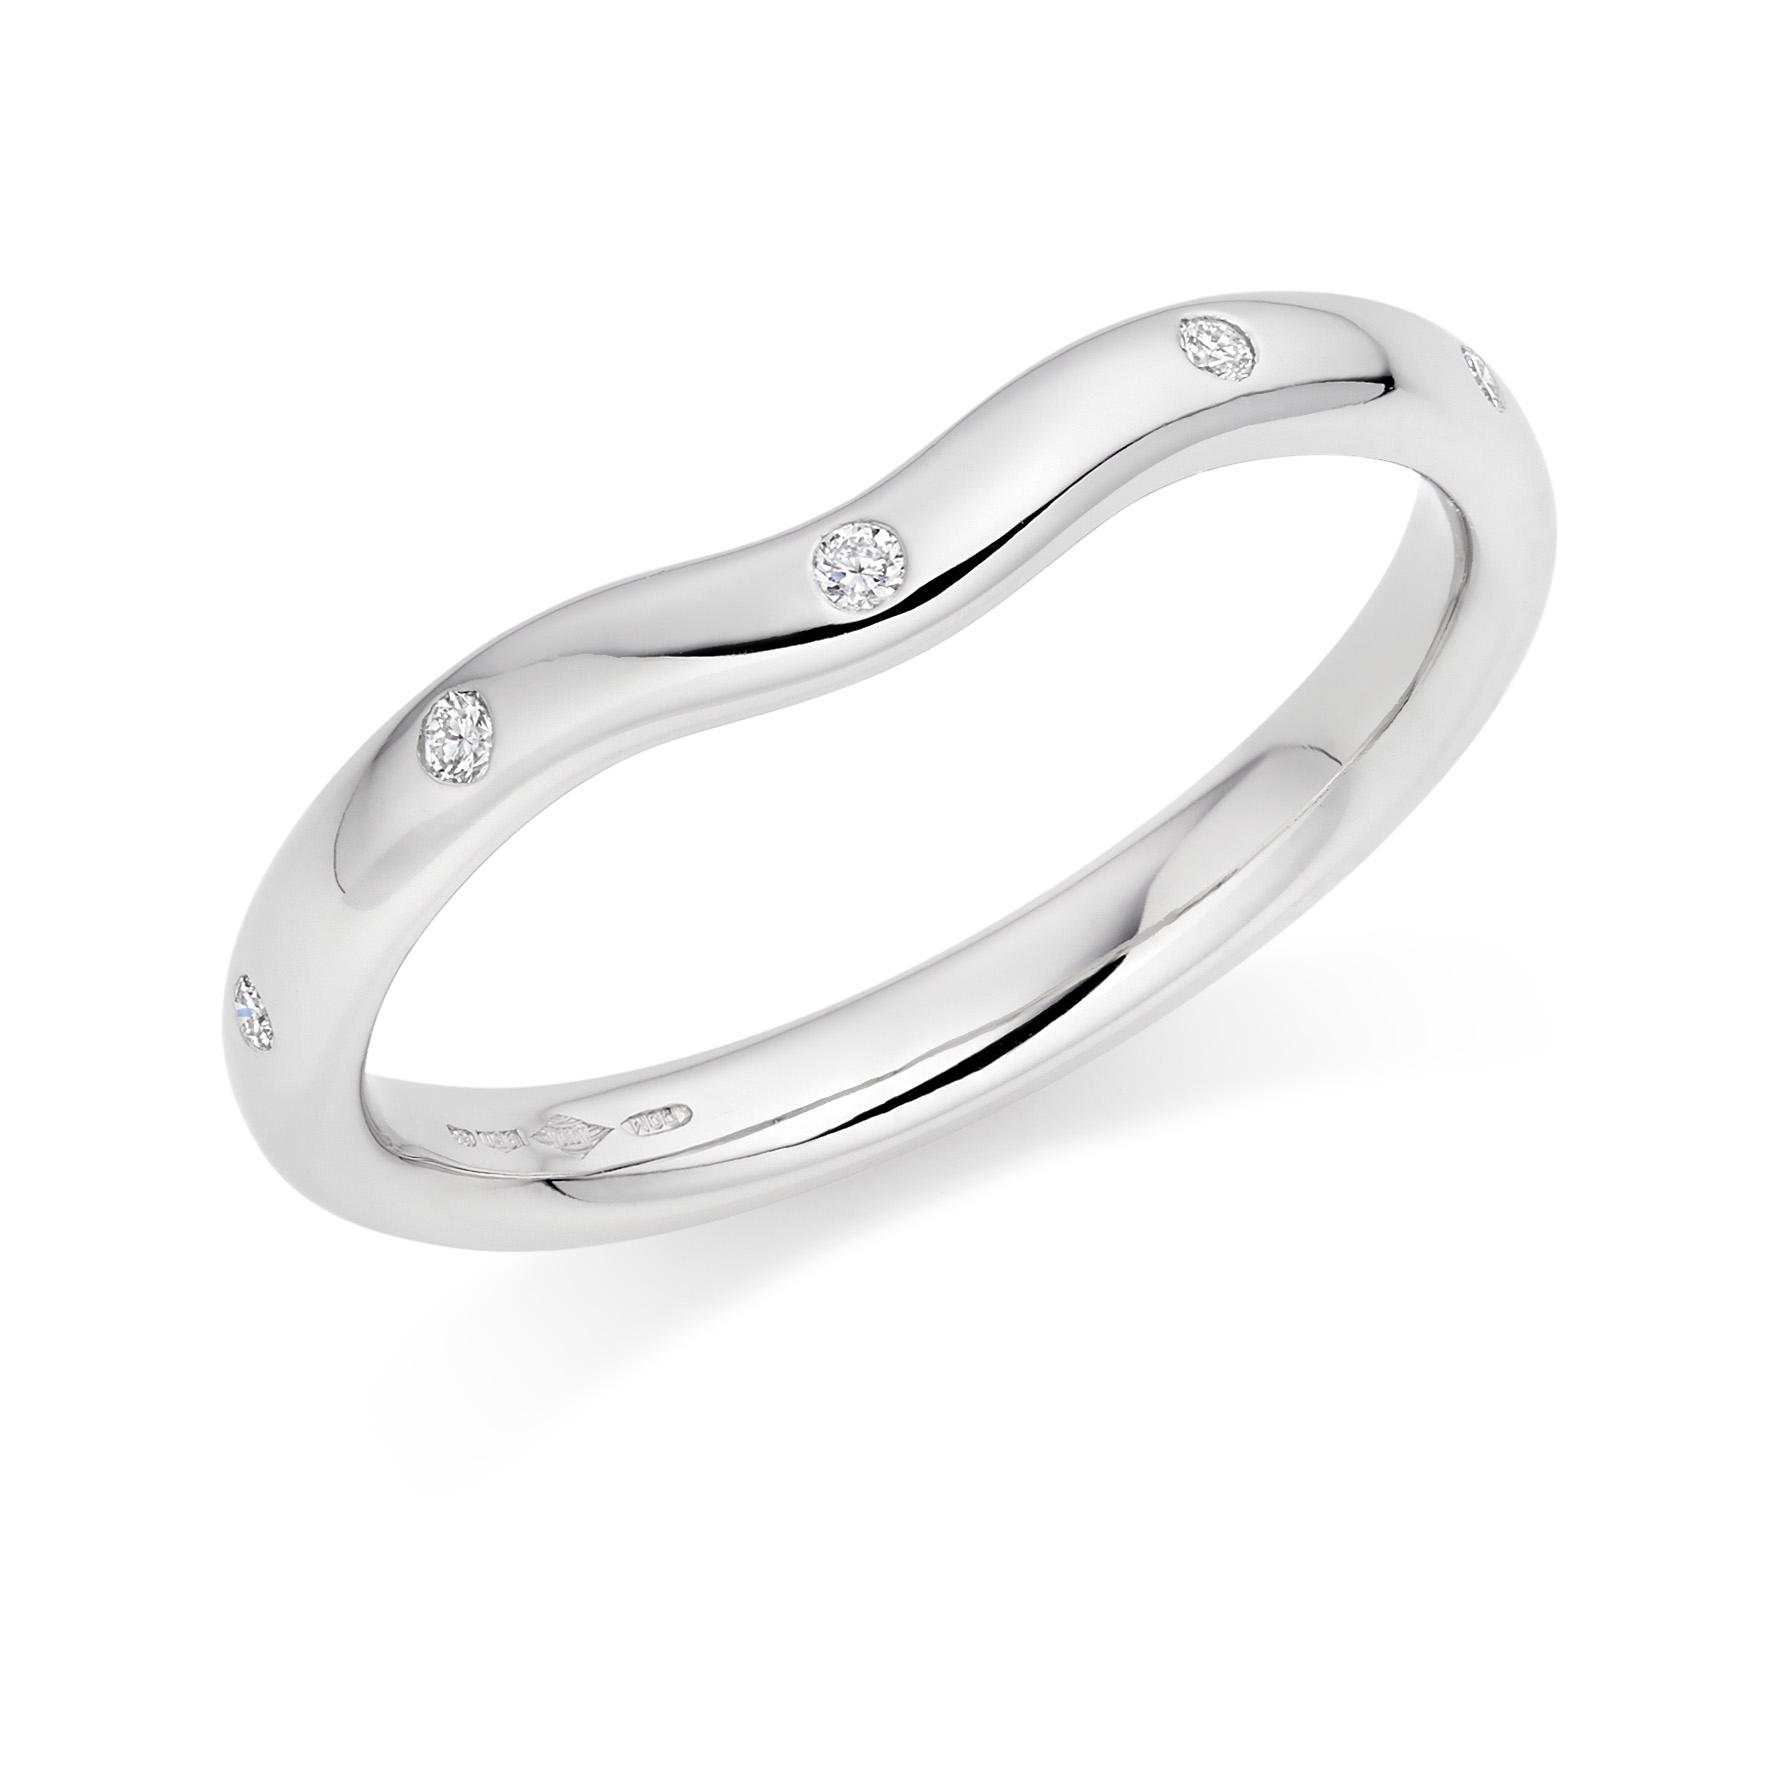 Contoured Wedding Rings in Hatton Garden